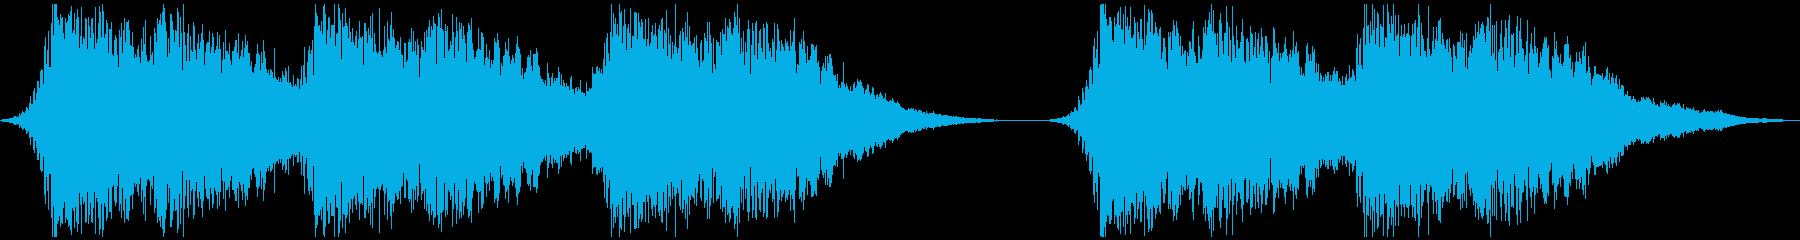 モダン 交響曲 室内楽 未来 テク...の再生済みの波形